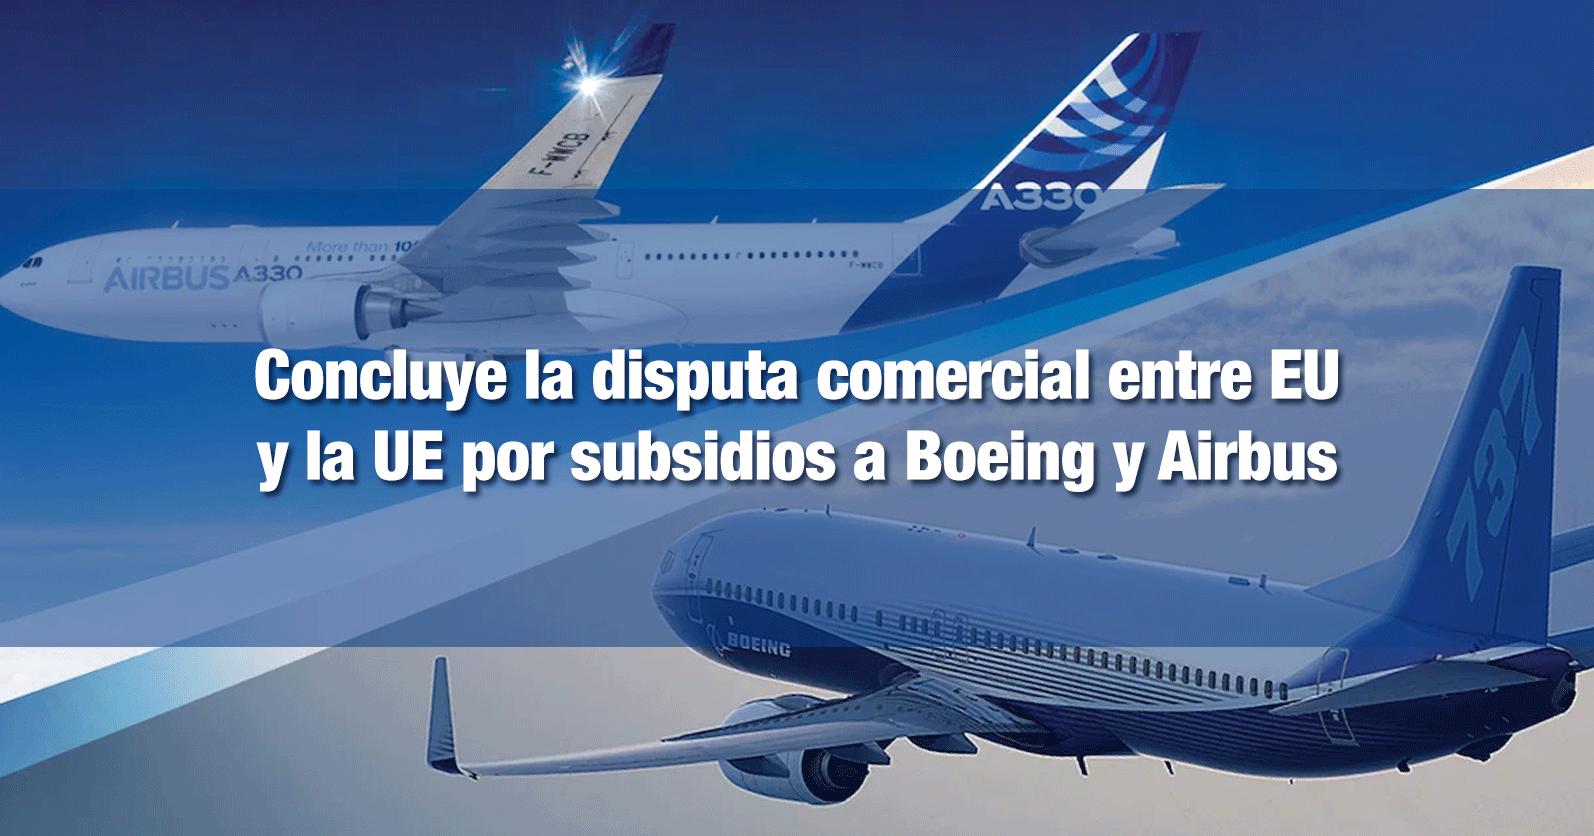 Concluye la disputa comercial entre EU y la UE por subsidios a Boeing y Airbus